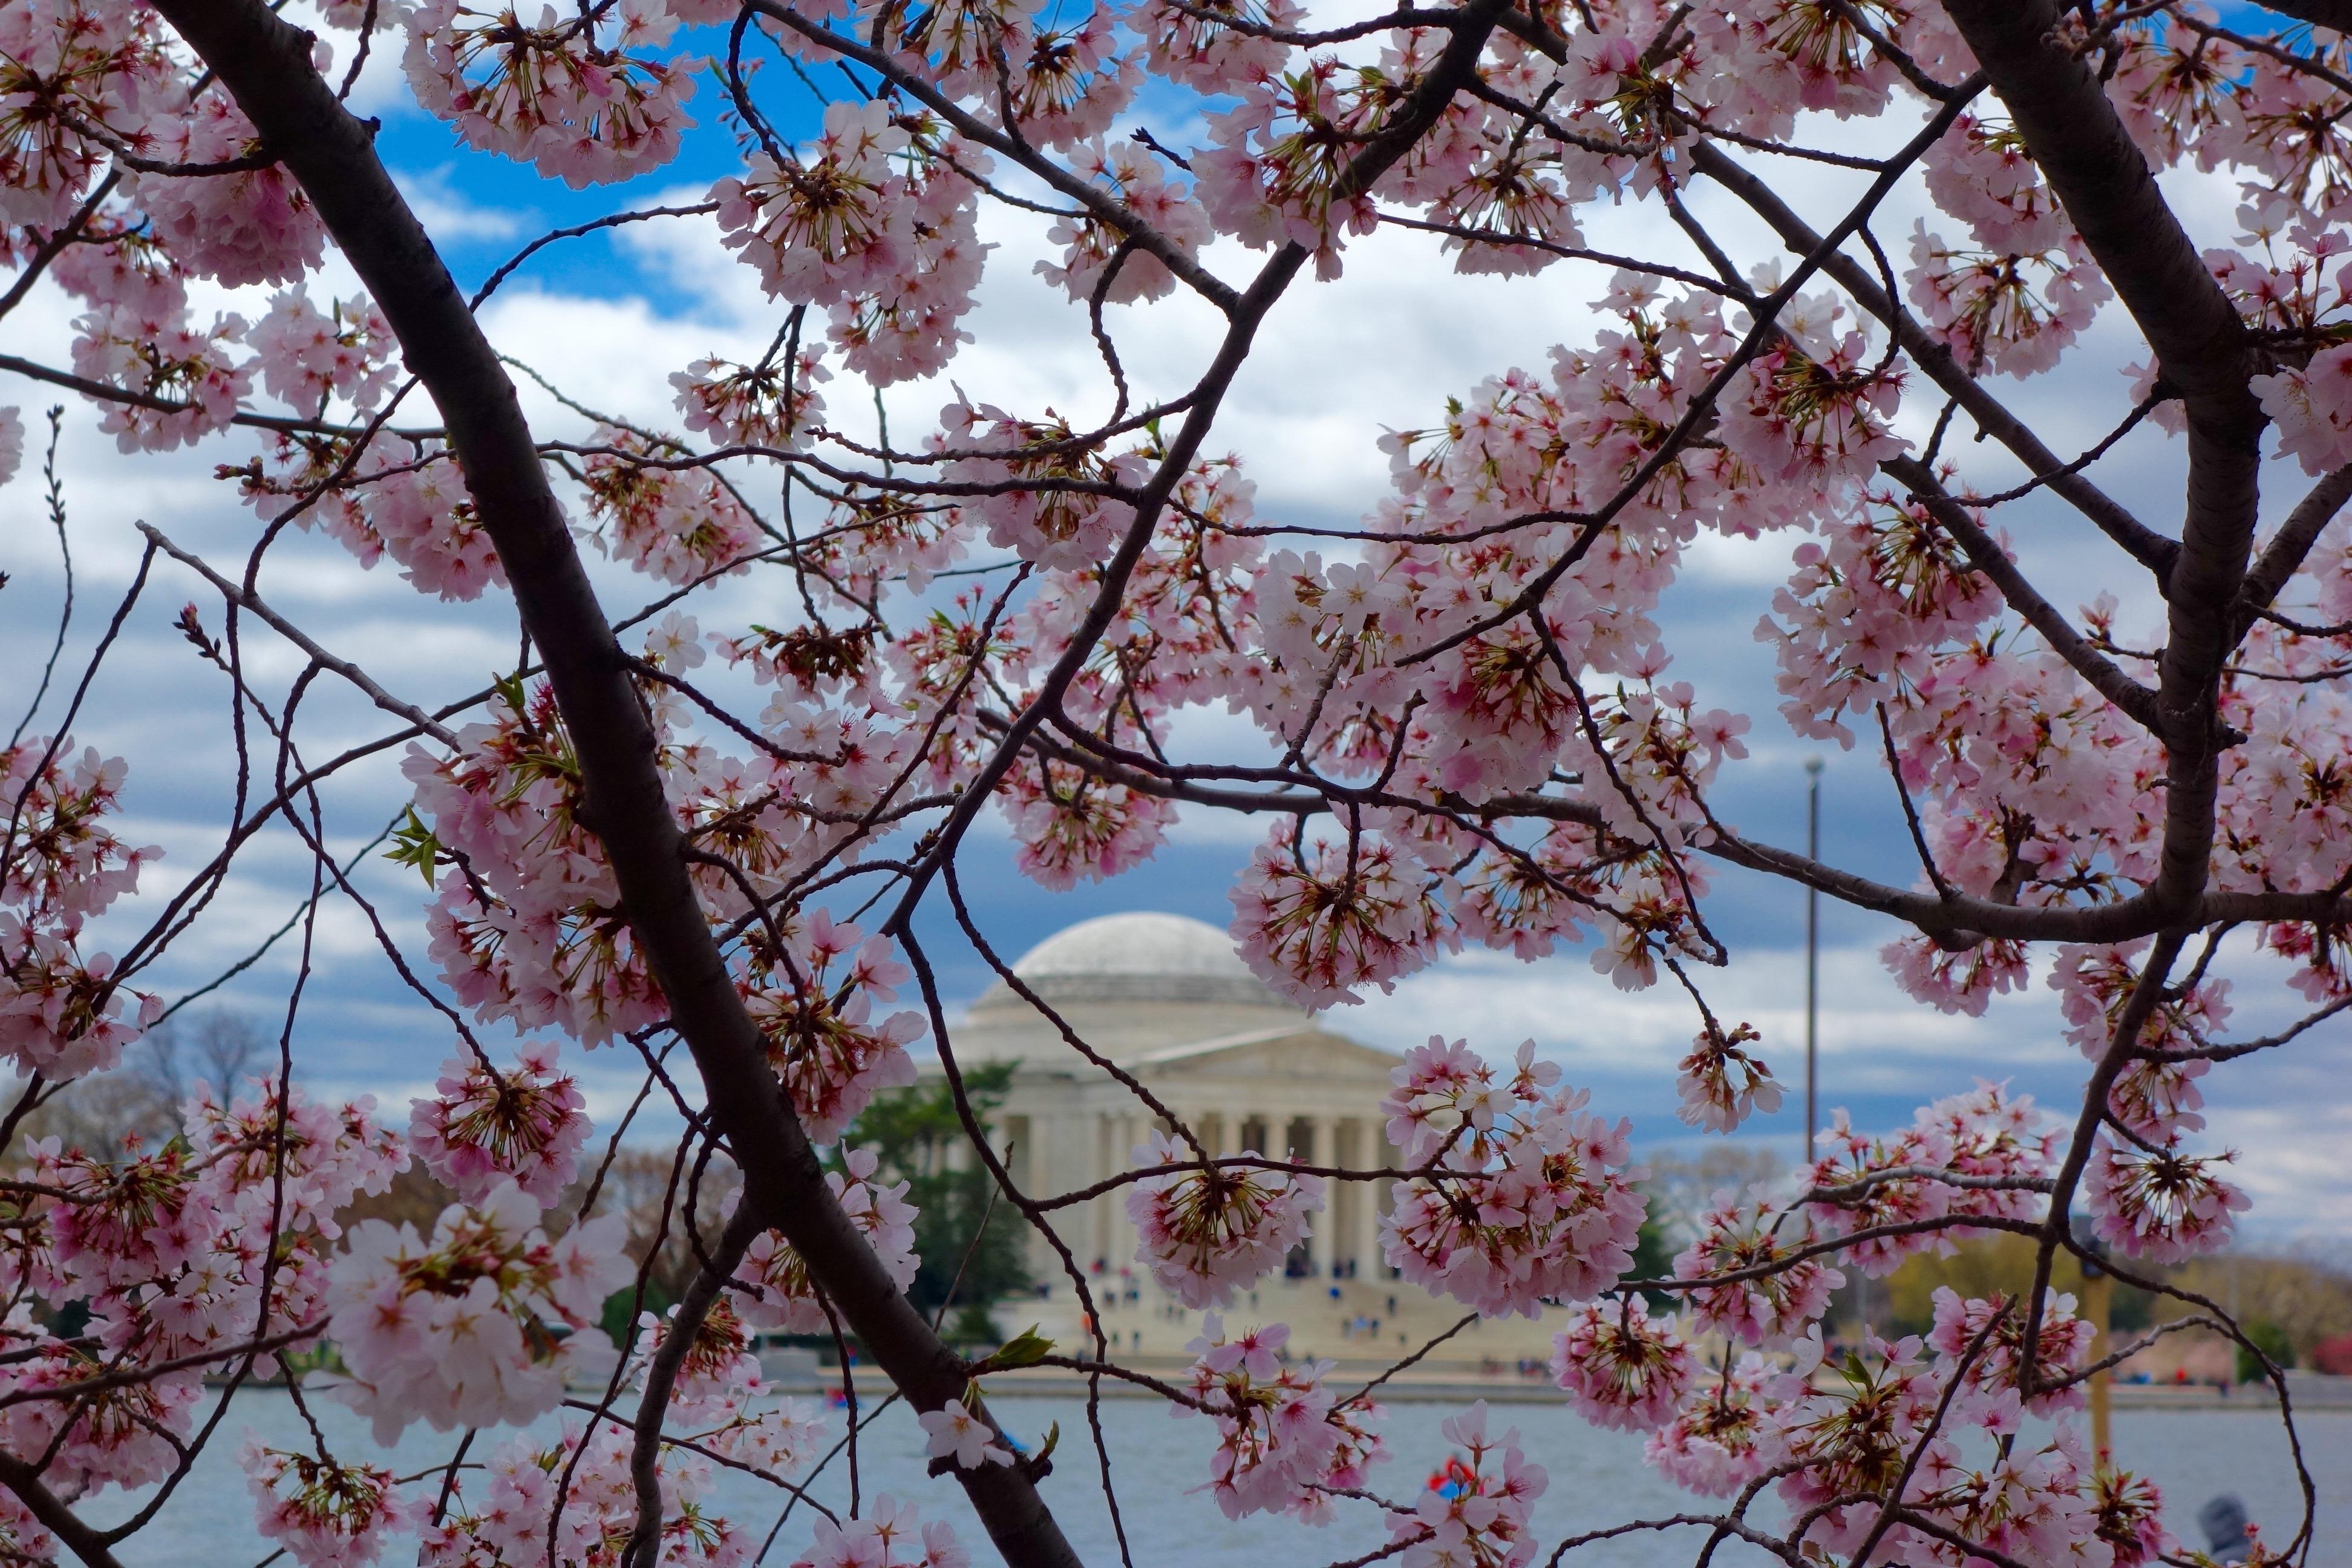 2017 National Cherry Blossom Festival Hikaru Tamaki Cellist